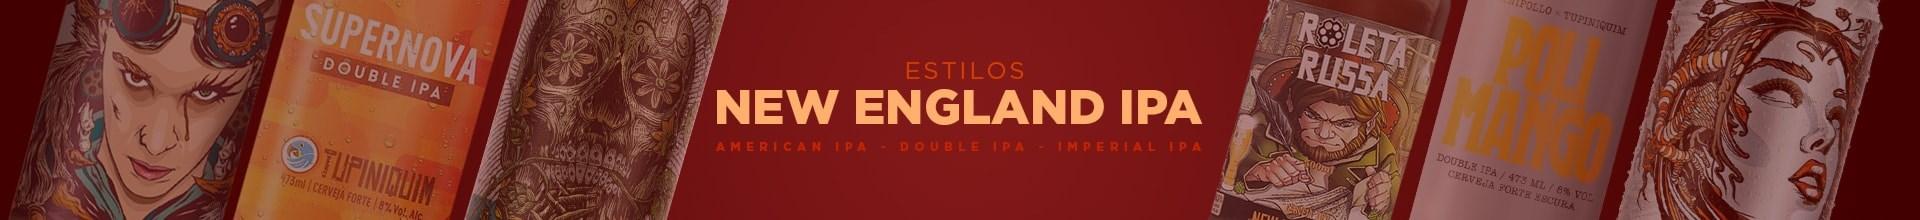 Cervejas New England IPA